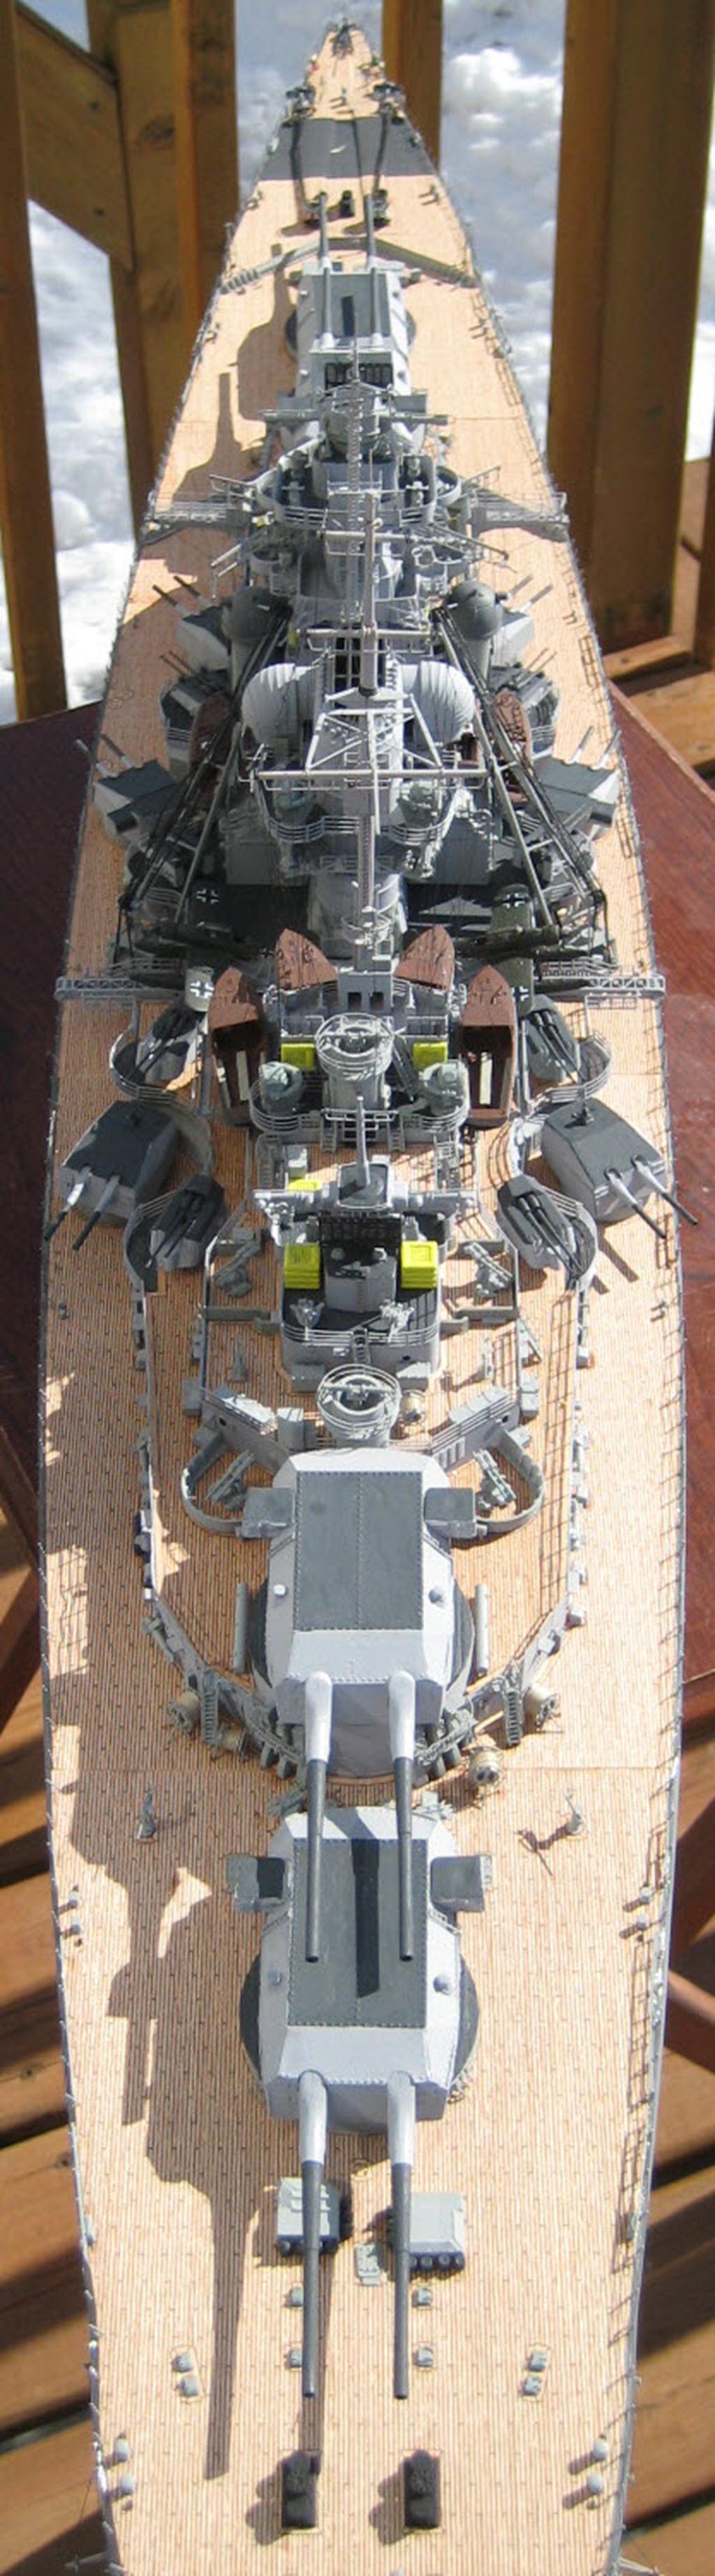 Bismarck 1/200 scale Hachette 1g14